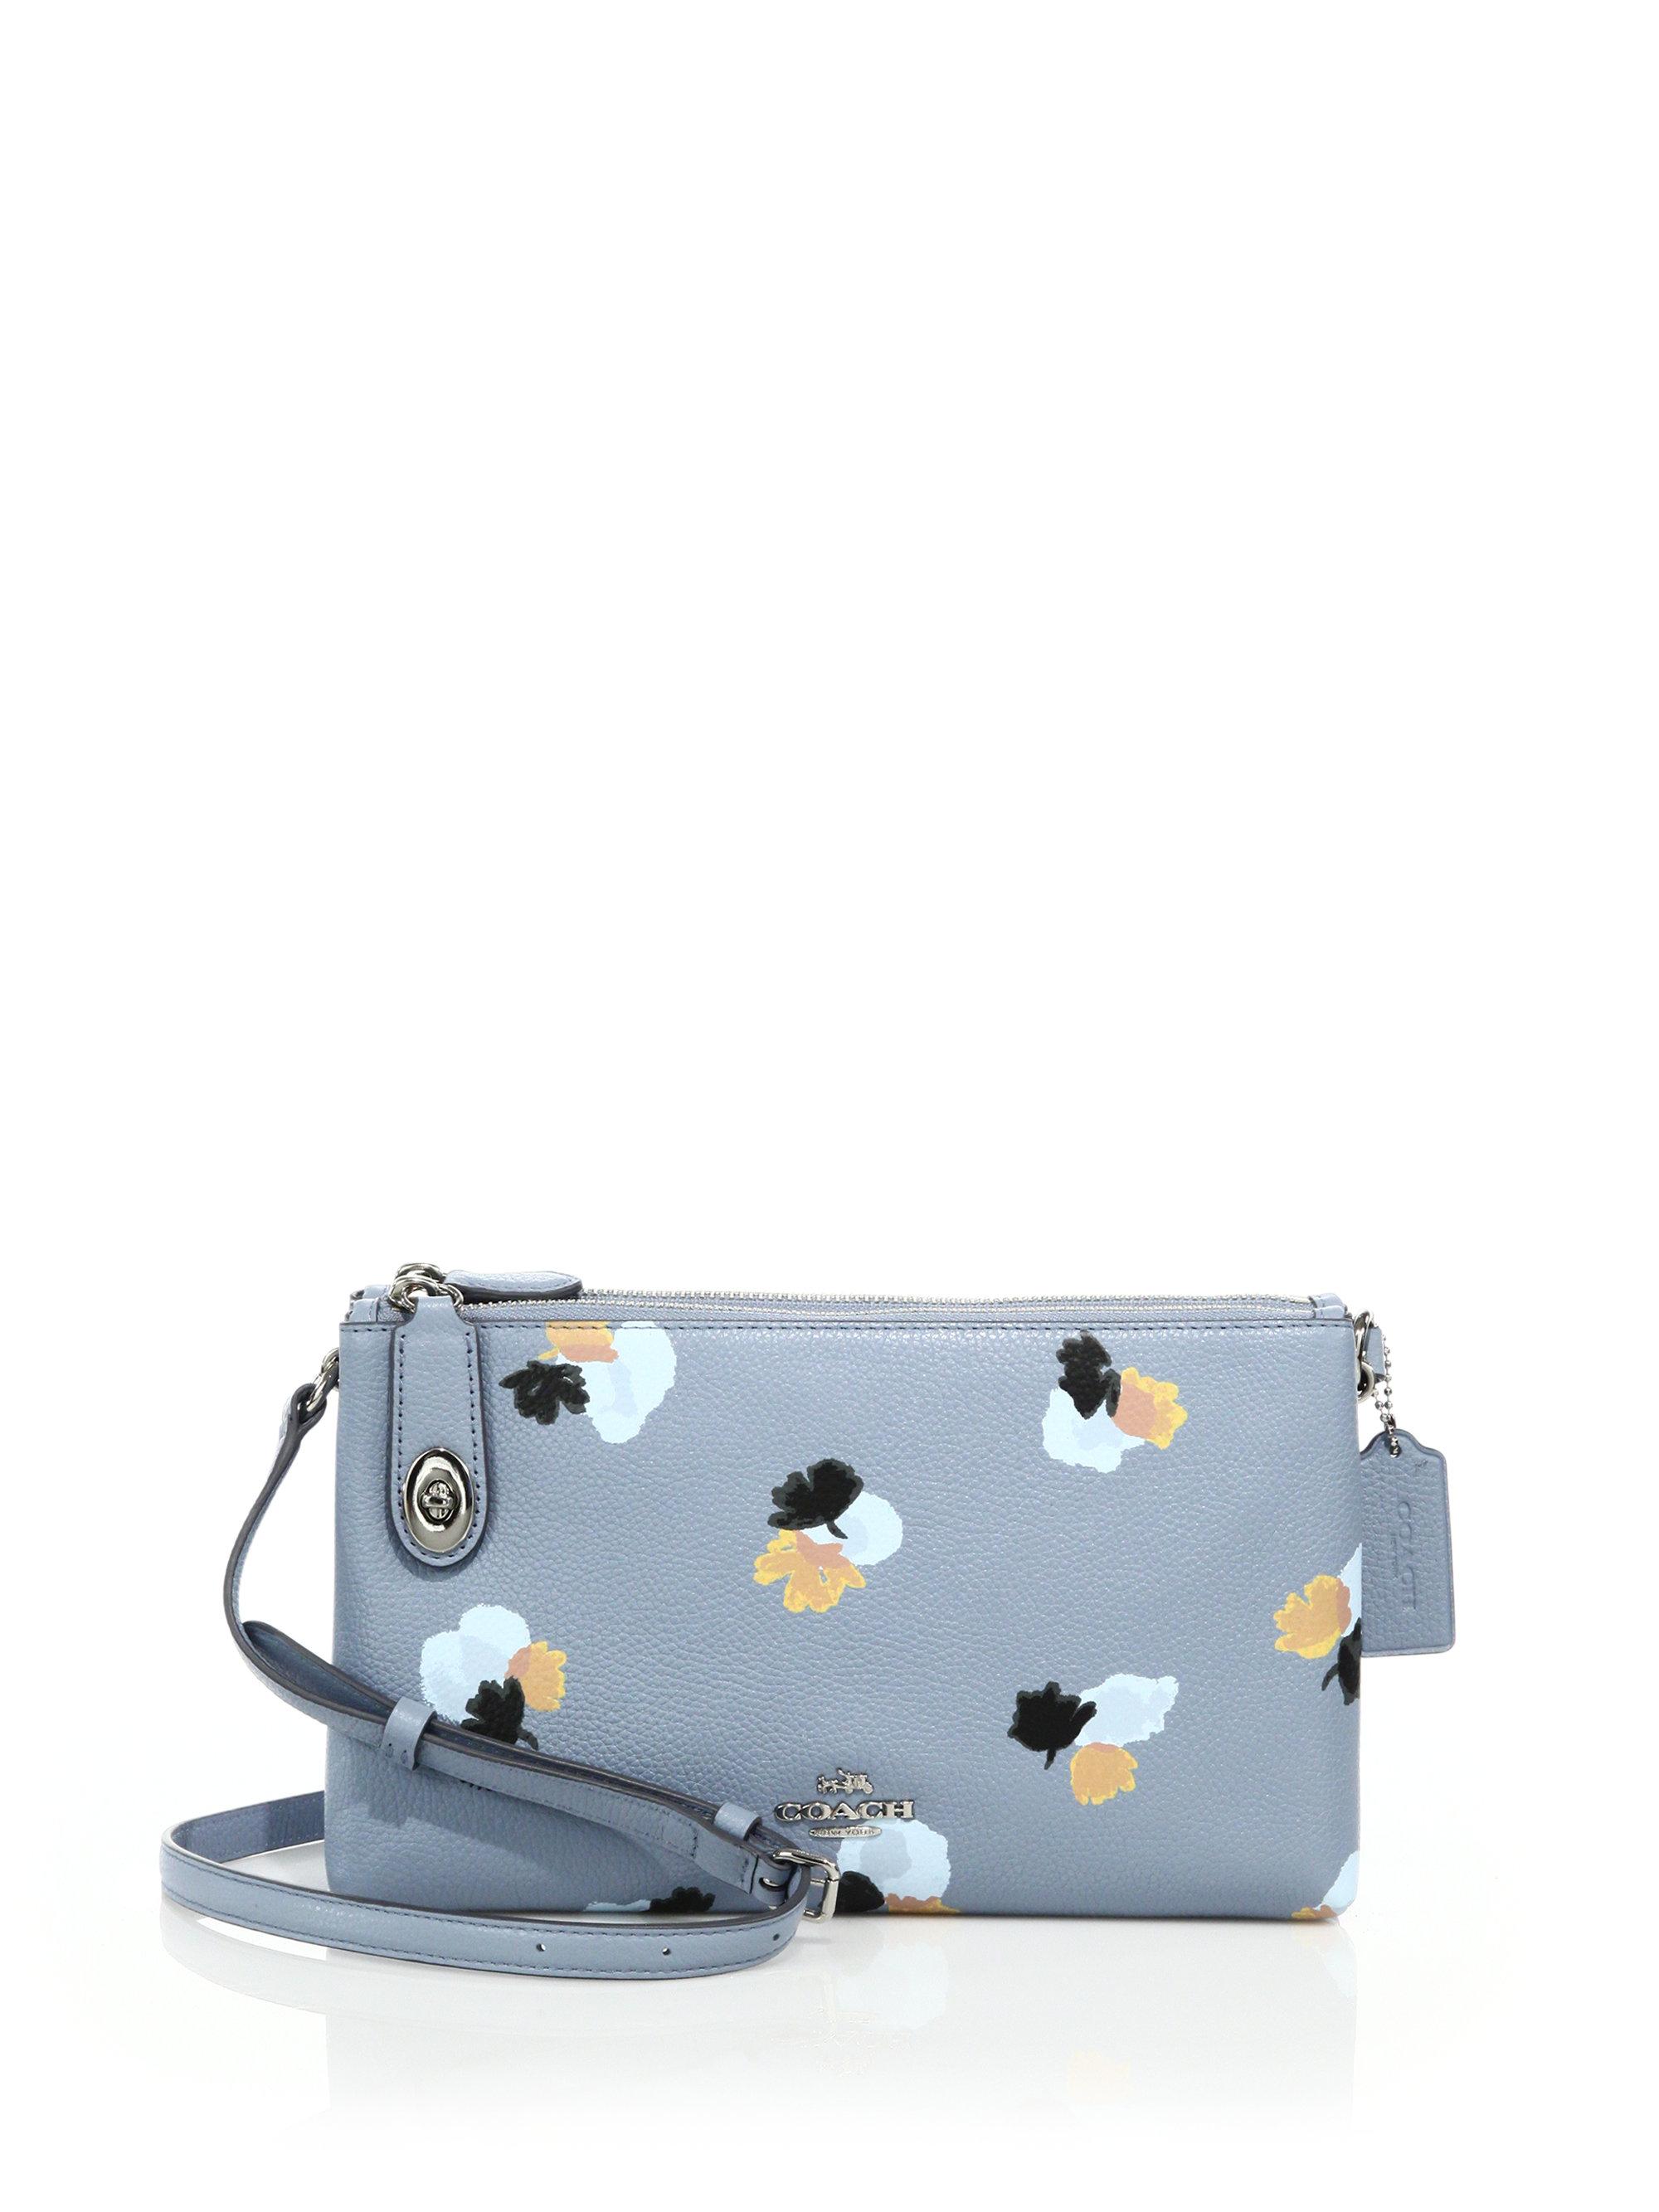 7bfdae34dd41 ... norway lyst coach crosby floral print leather crossbody bag in blue  4e994 f624a